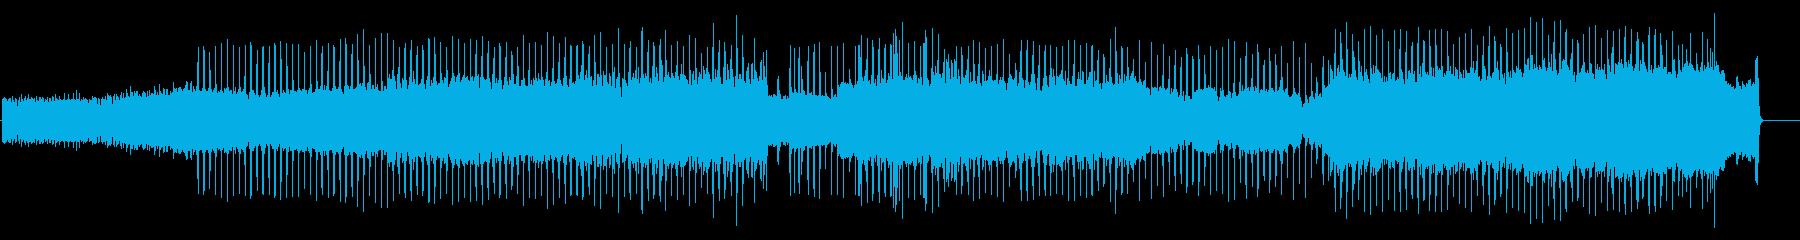 レトロPC風 2000X年、夢の近未来の再生済みの波形